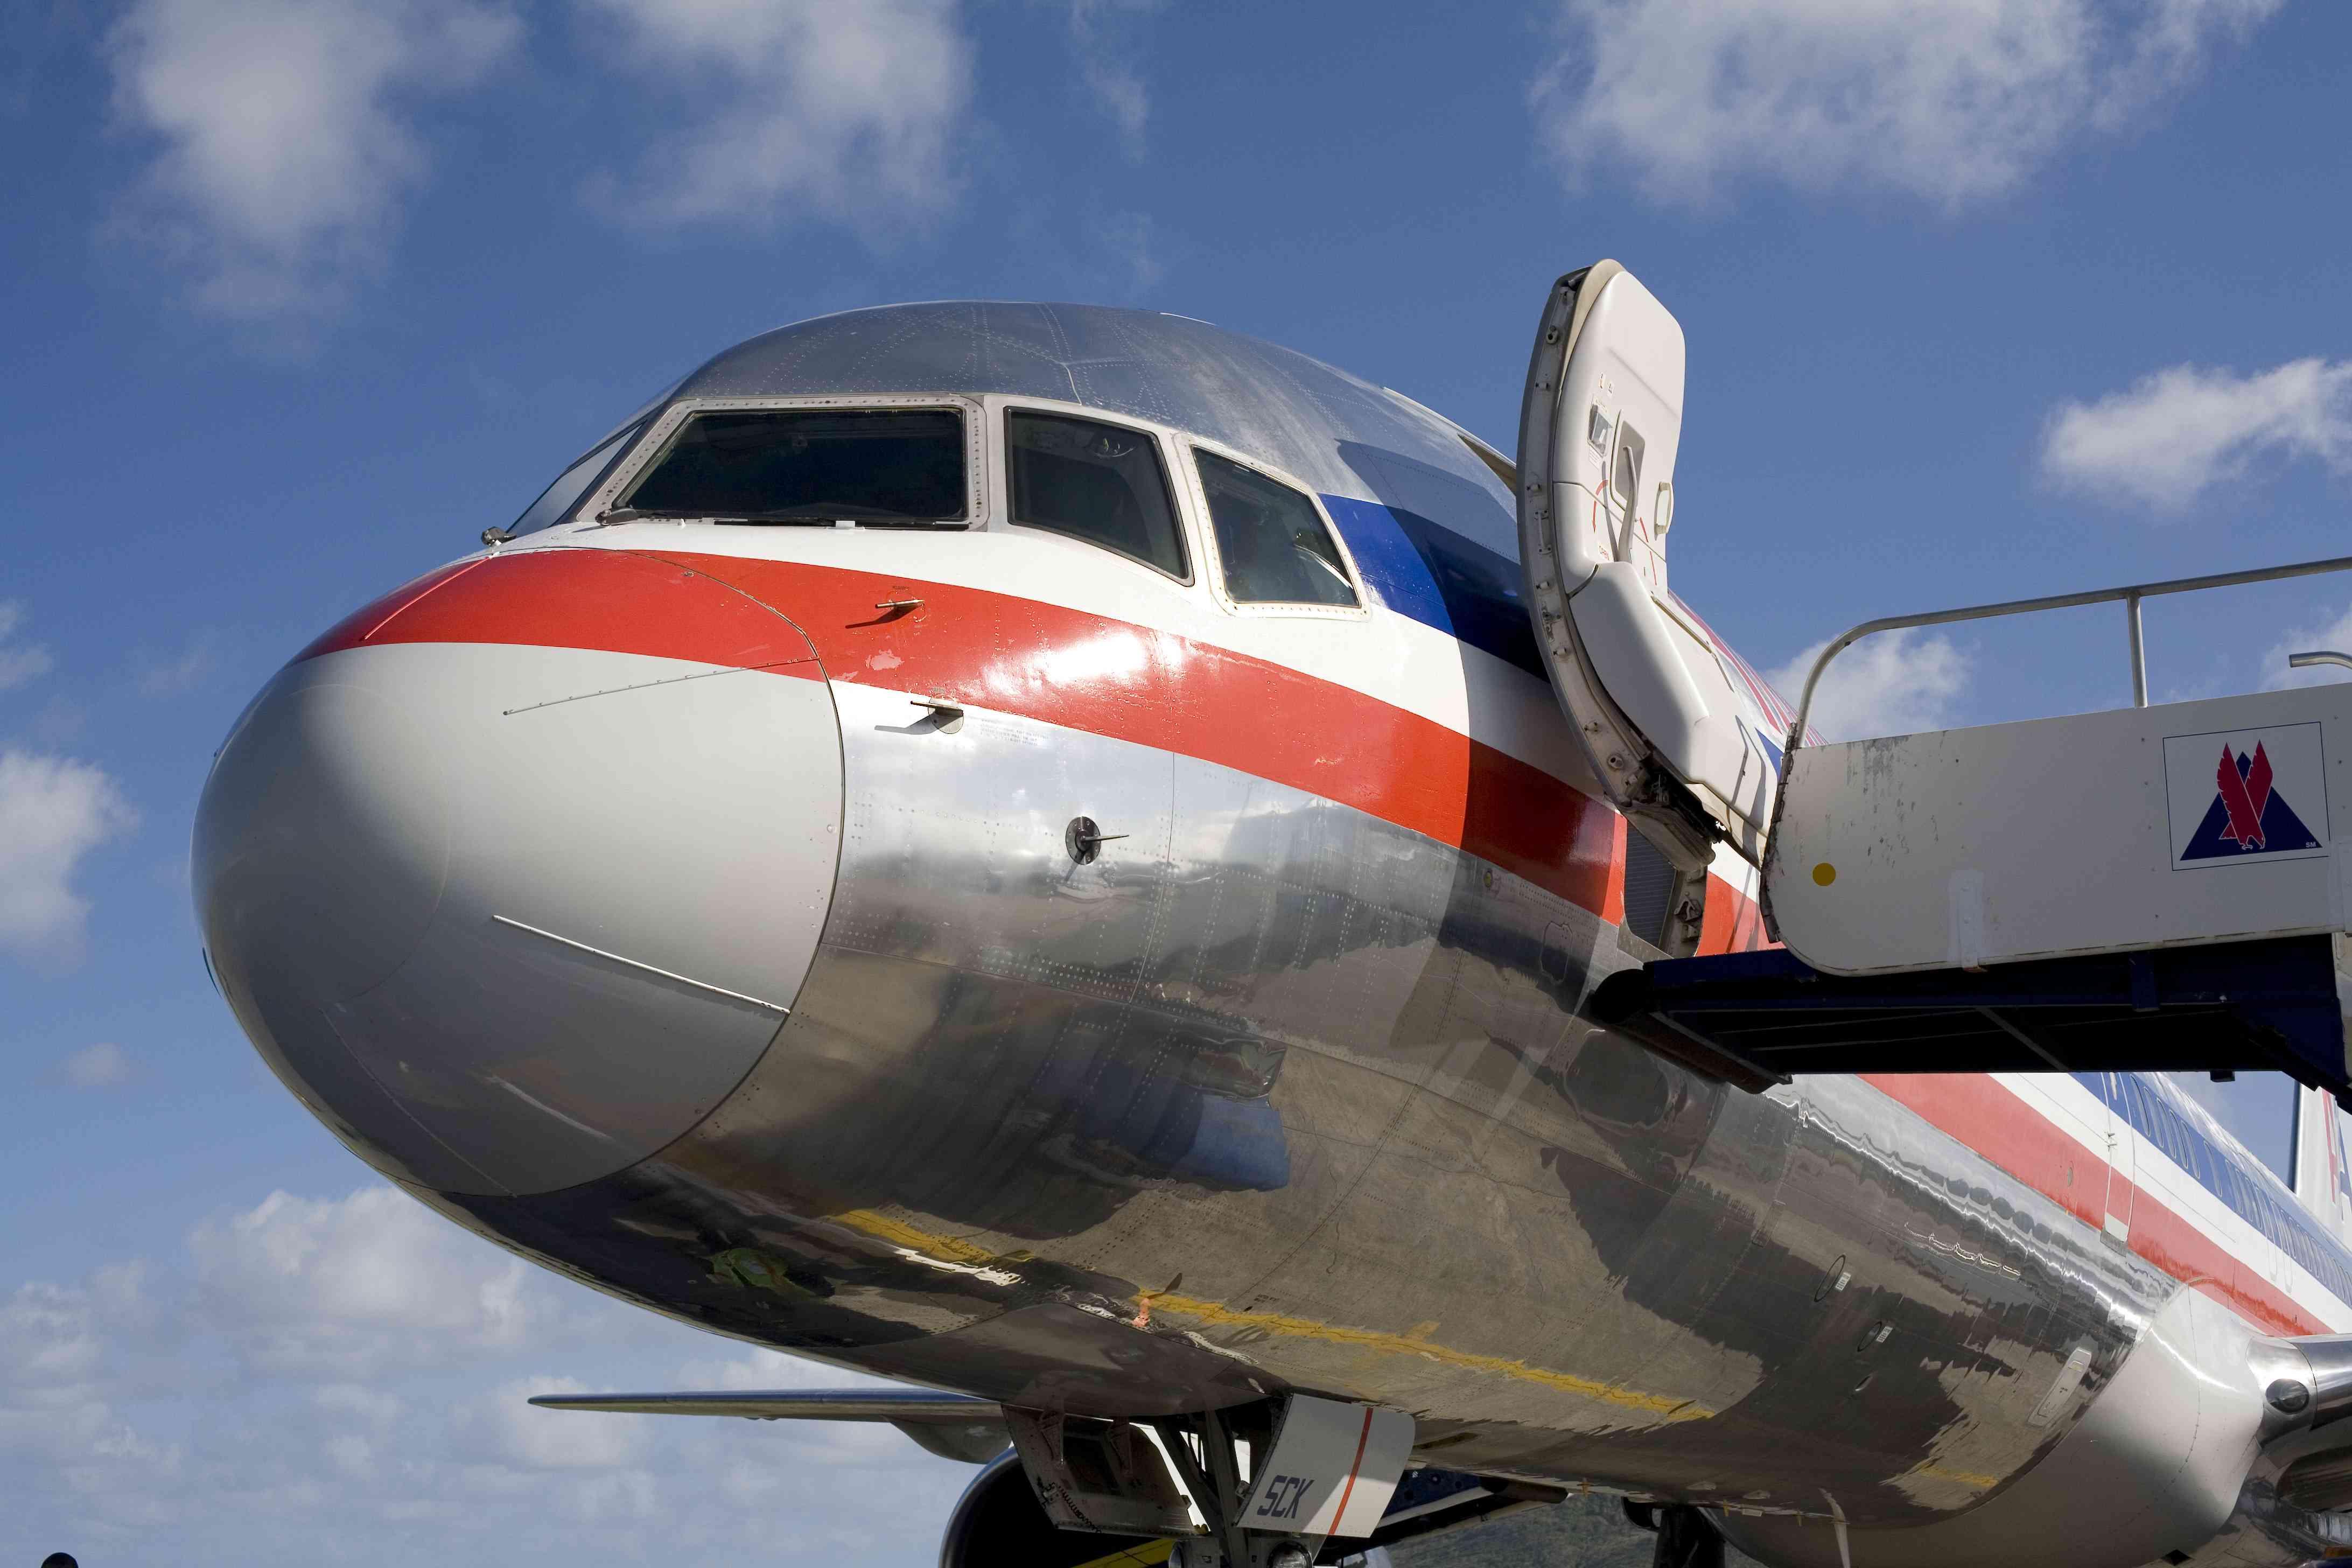 Un avión Boeing 757 de American Airlines se sienta en la pista del aeropuerto internacional de Hewanorra en Vieux Fort en Santa Lucía